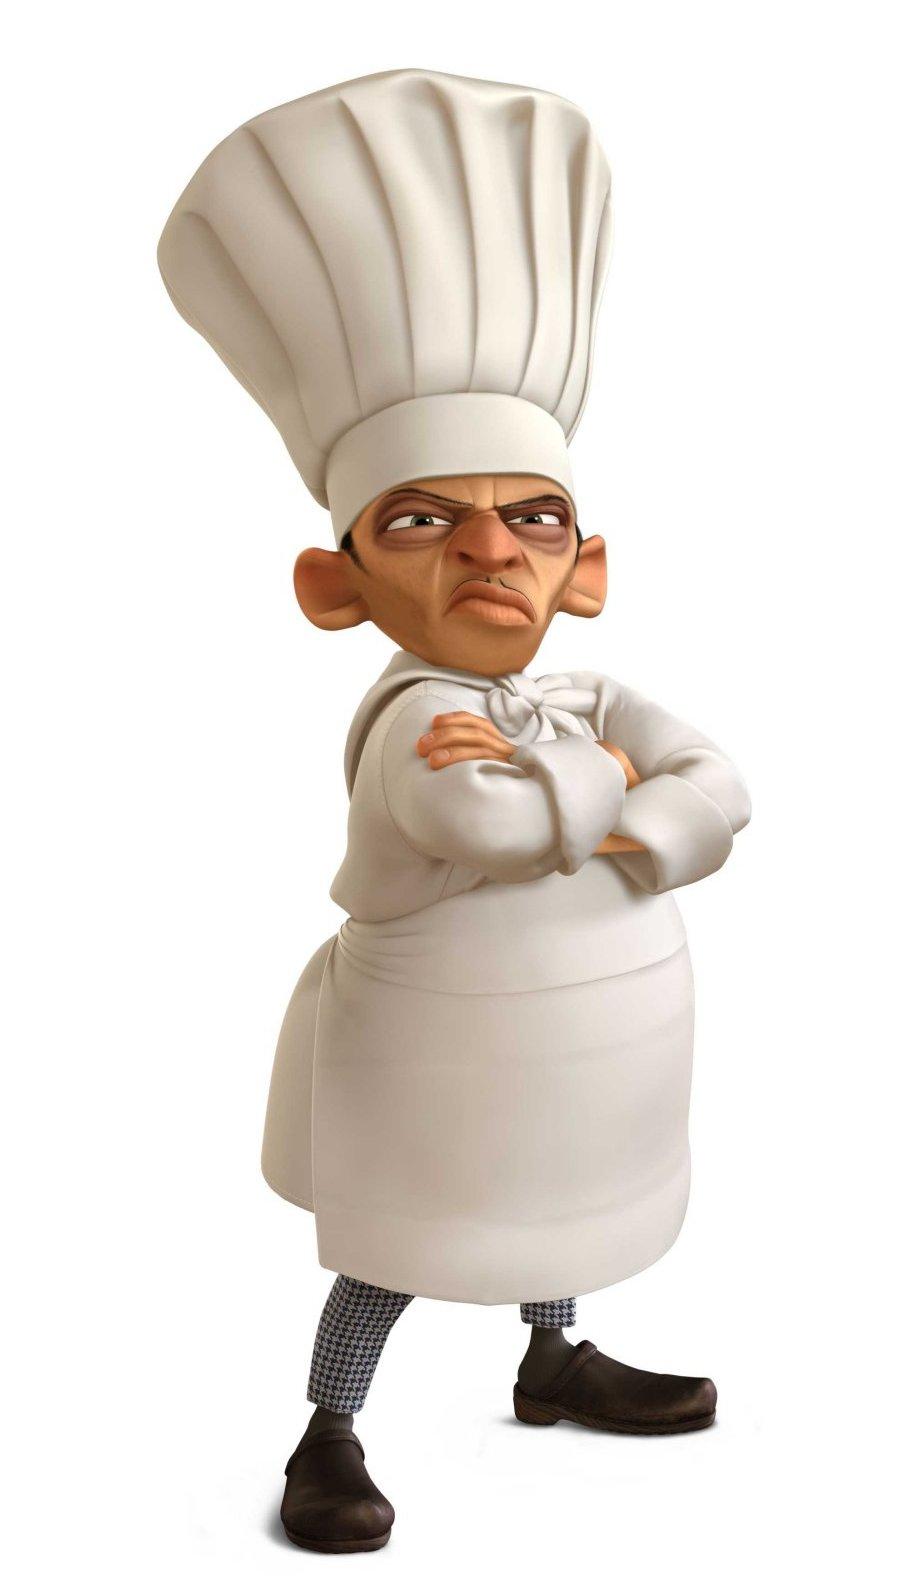 Cual es la importancia del uso correcto del uniforme de - Cocinas chef ...